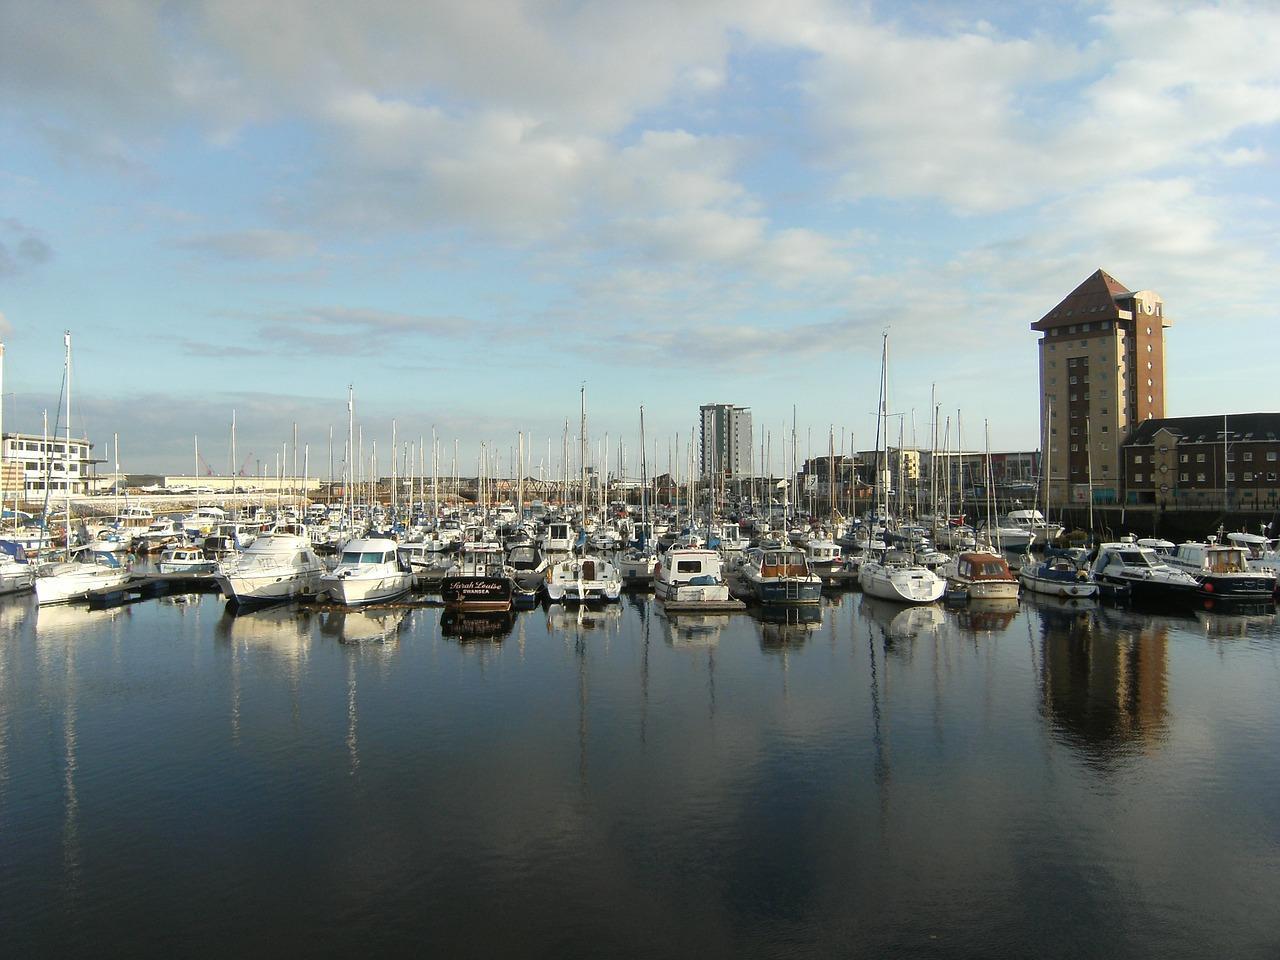 Boats in Swansea Bay